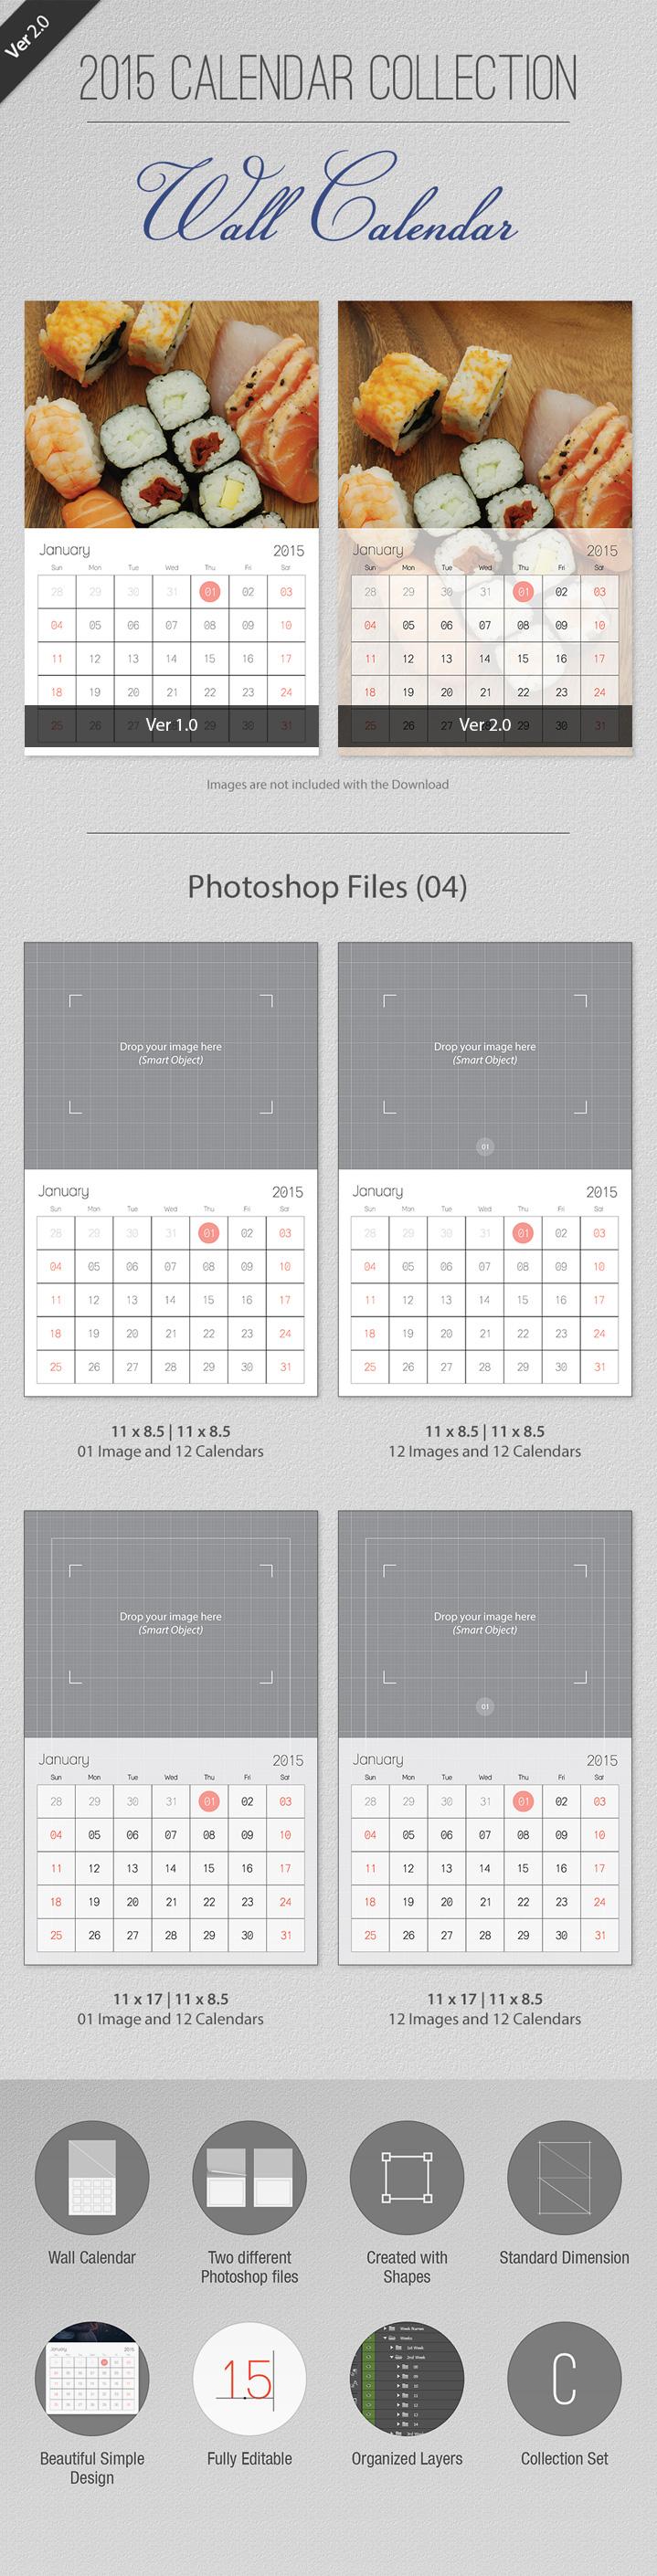 Wall Calendar Update (ver 2.0).jpg